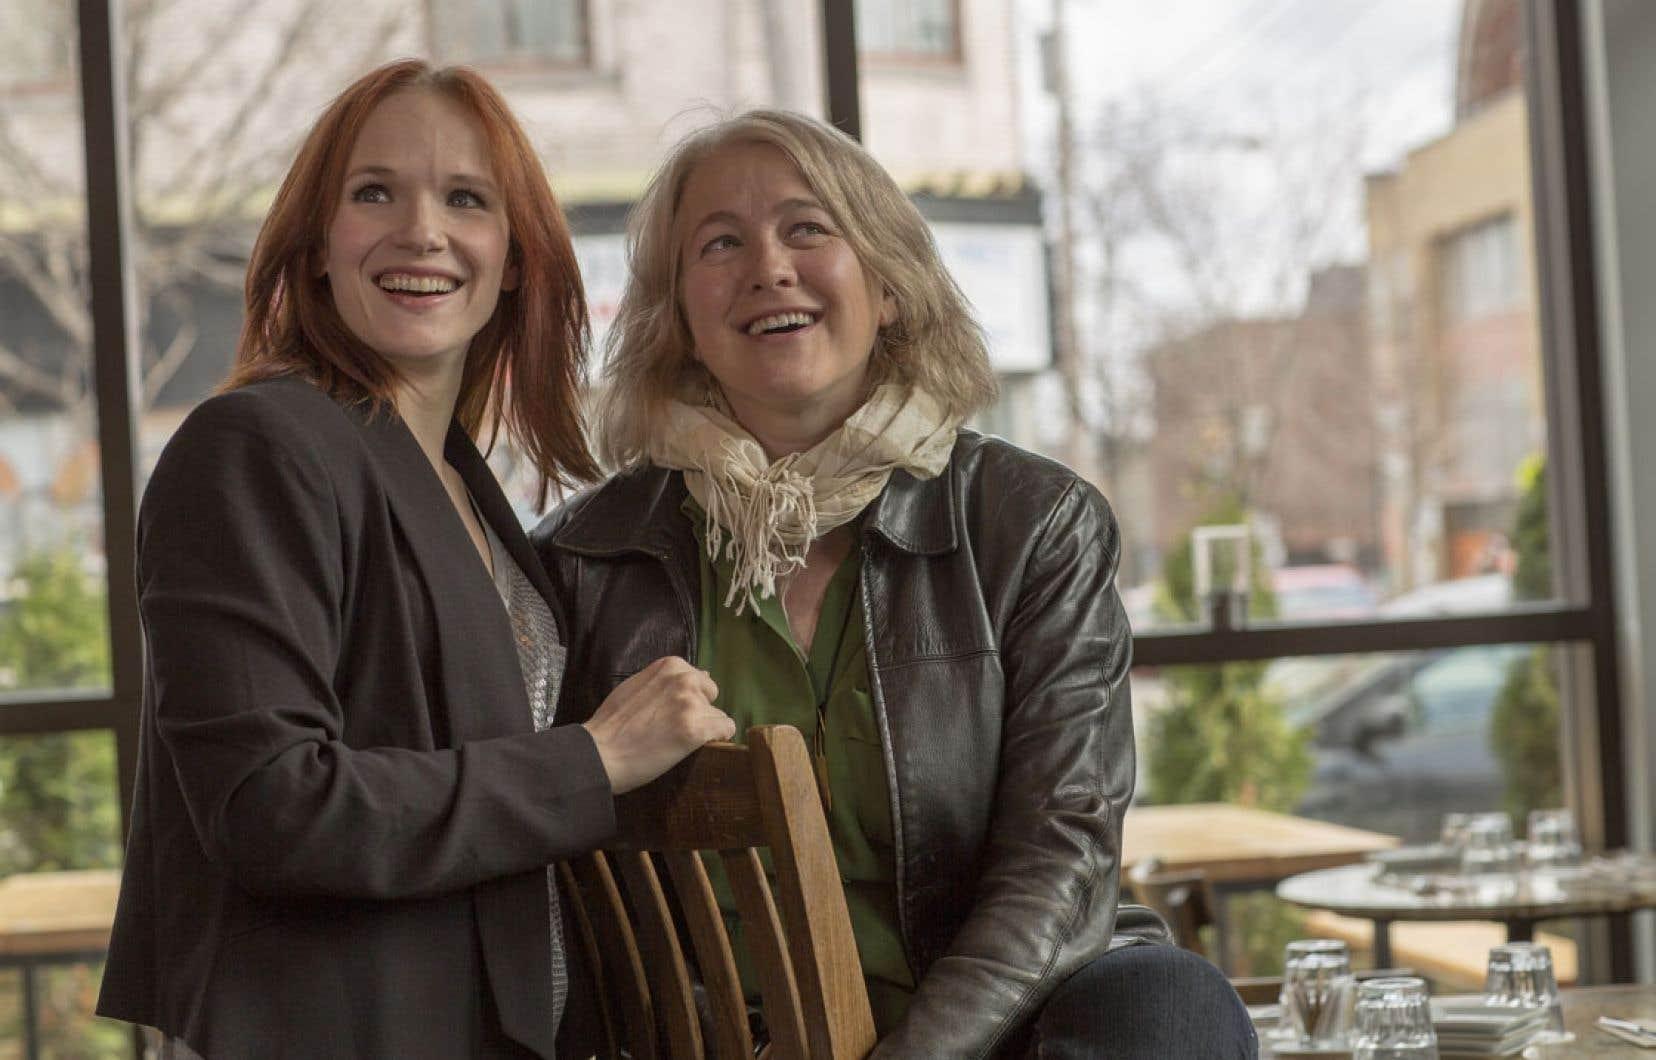 L'expérience de tournage de Marianne Farley avec Marie-Hélène Cousineau a changé sa vision du monde.